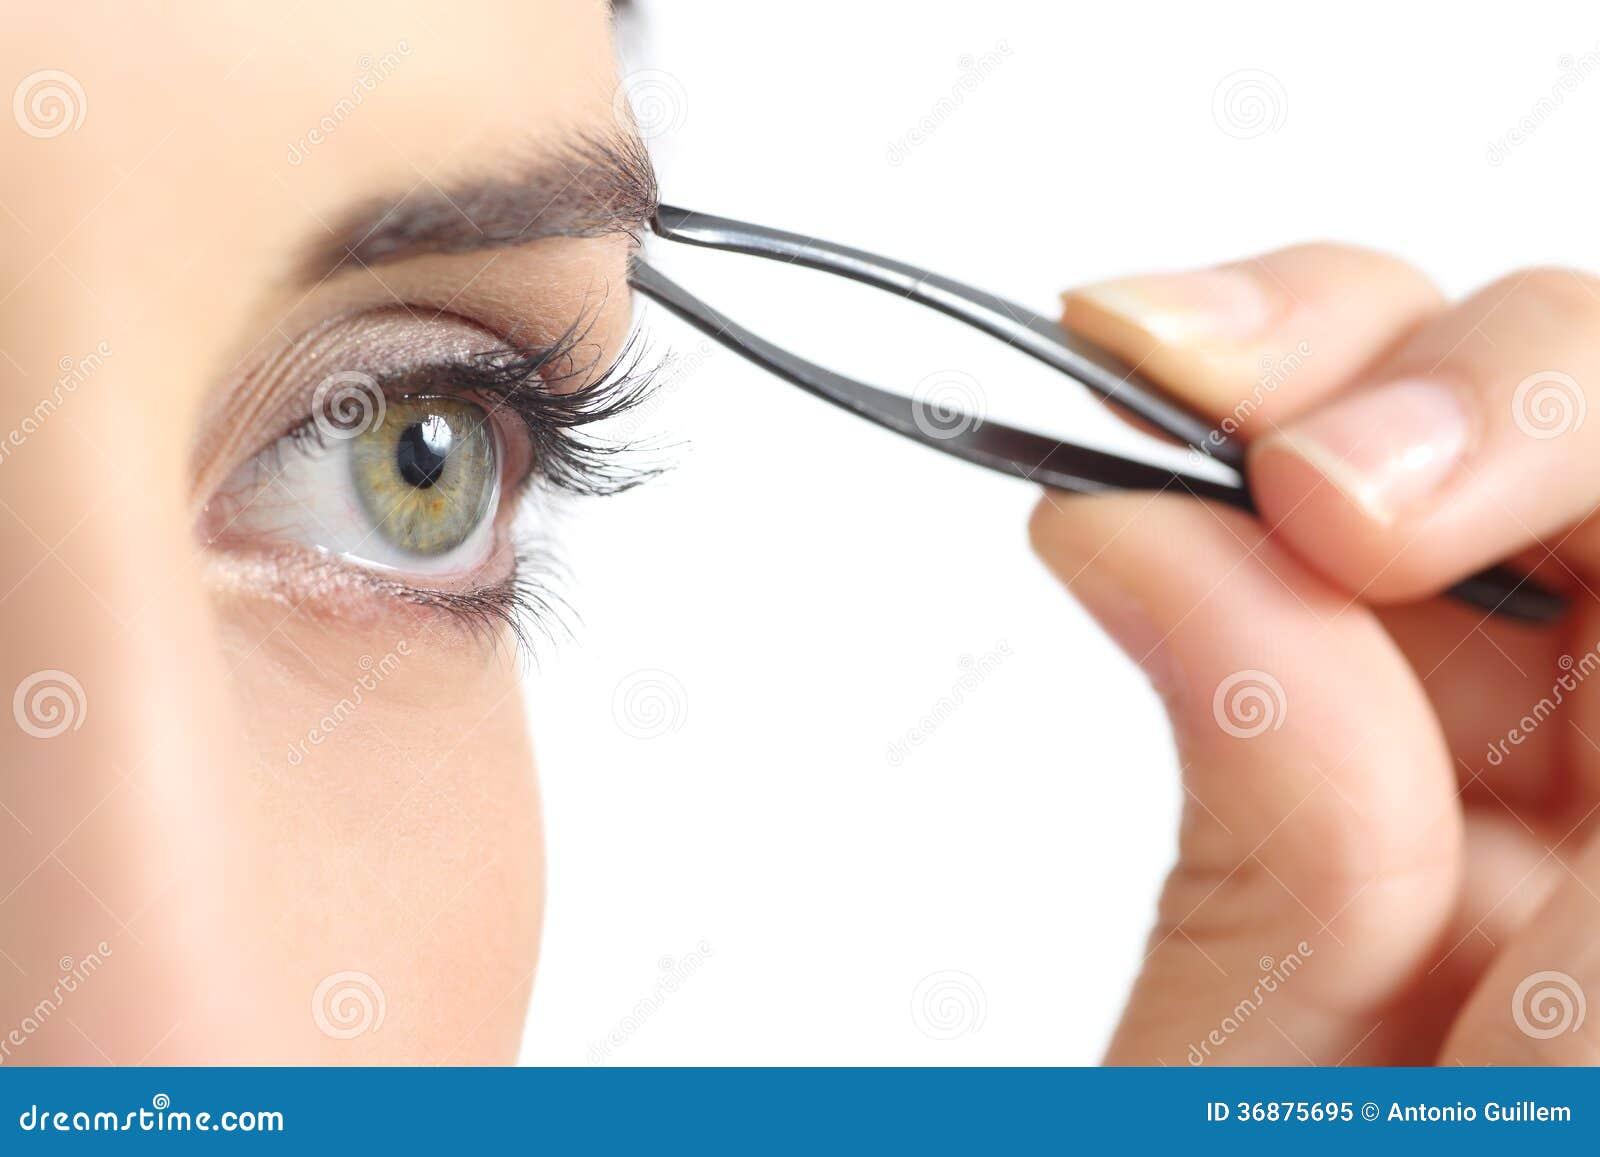 Download Fine Su Di Un Occhio Della Donna E Sopracciglia Di Spennatura A Mano Immagine Stock - Immagine di bello, abbellimento: 36875695